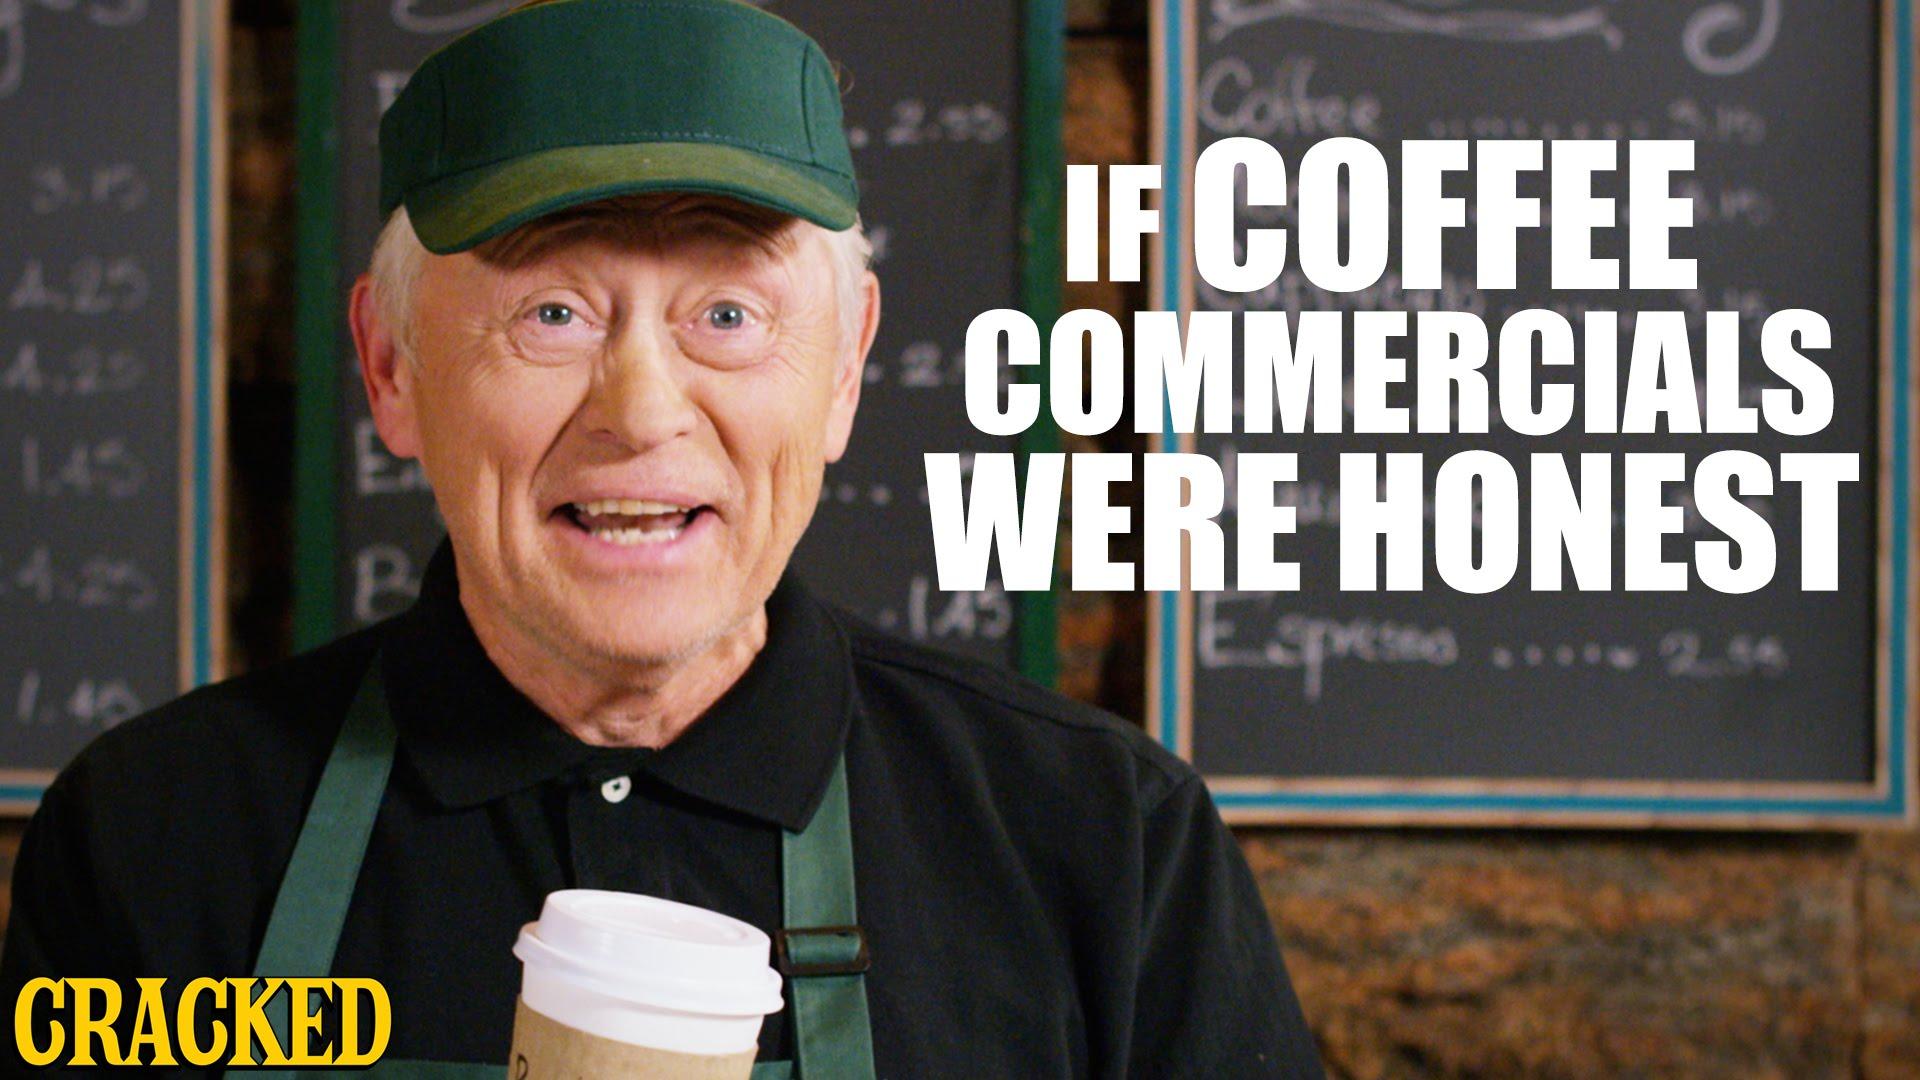 「【超酸誠實咖啡廣告】再忙,也要跟你喝杯『中樞神經系統興奮劑』」- If Coffee Commercials Were Honest